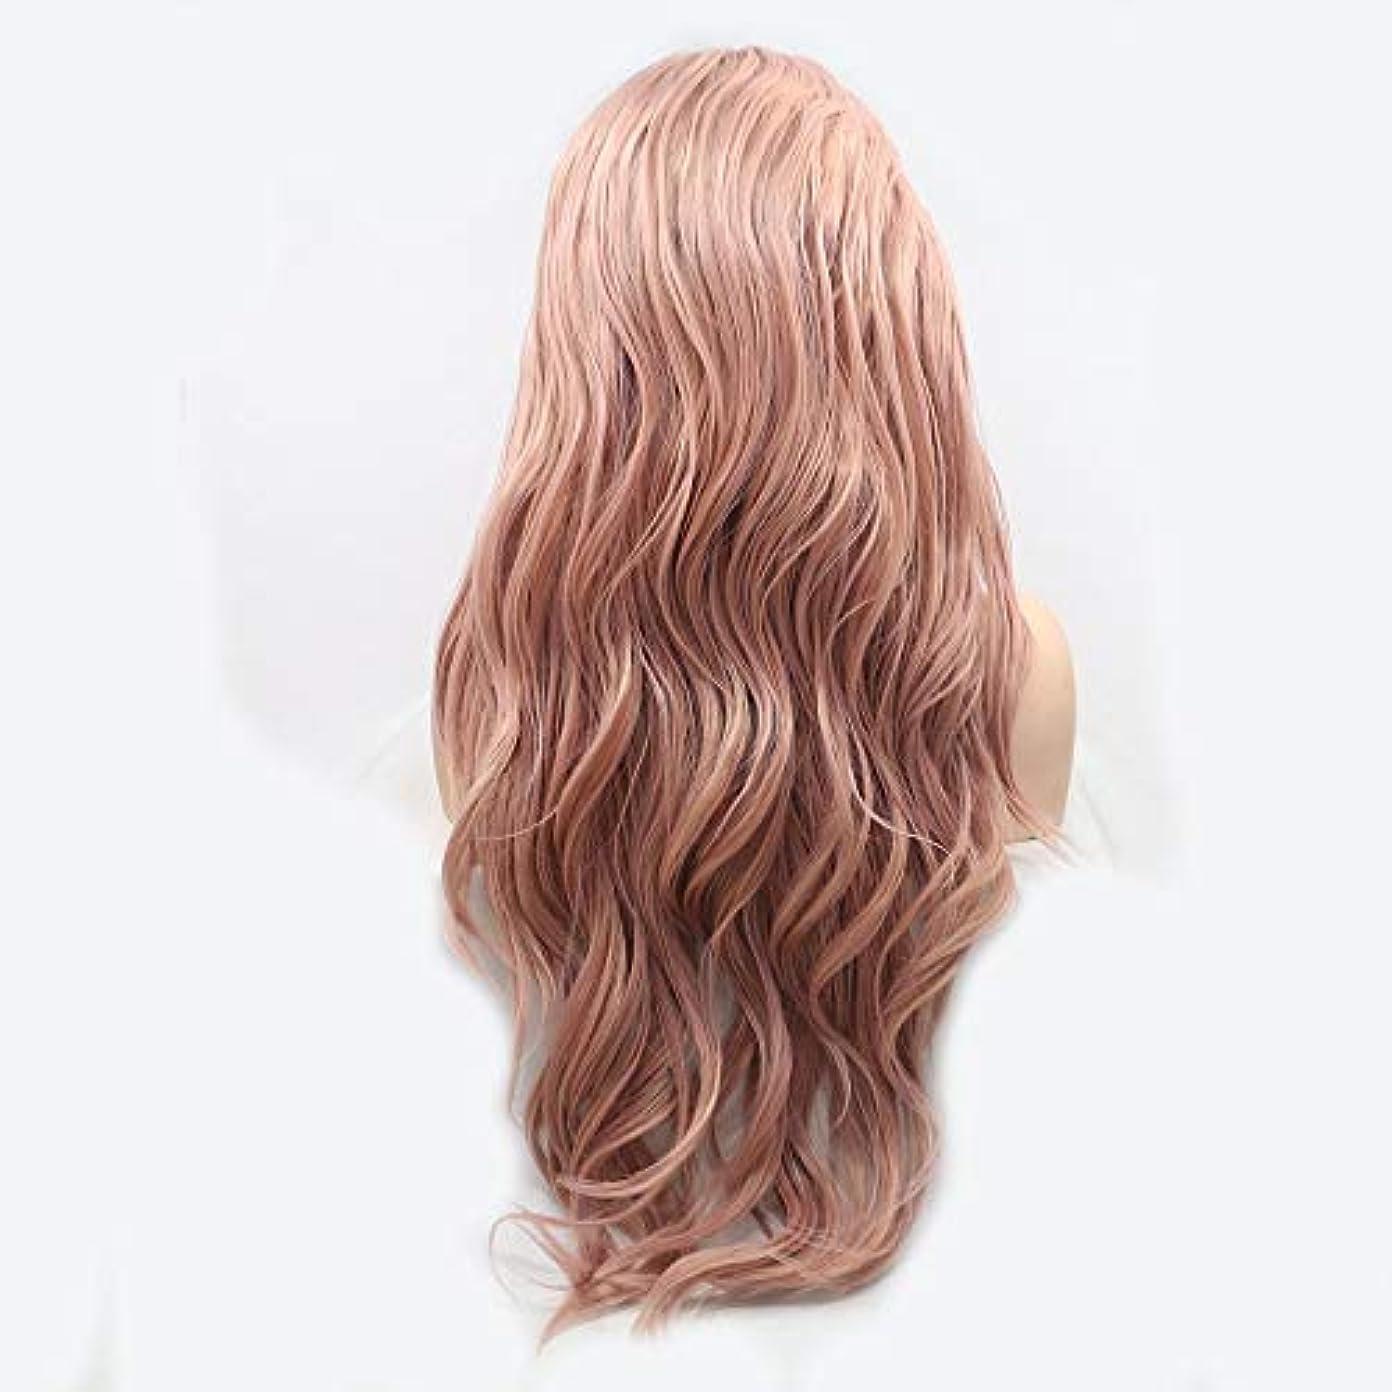 大人トンネル発表するHAILAN HOME-かつら ピンクのグラデーションイオンホットForesightful髪カーリーヘアウィッグレディース手作りのレースのヨーロッパとアメリカのウィッグセットウィッグセットナチュラルグラフィック換気